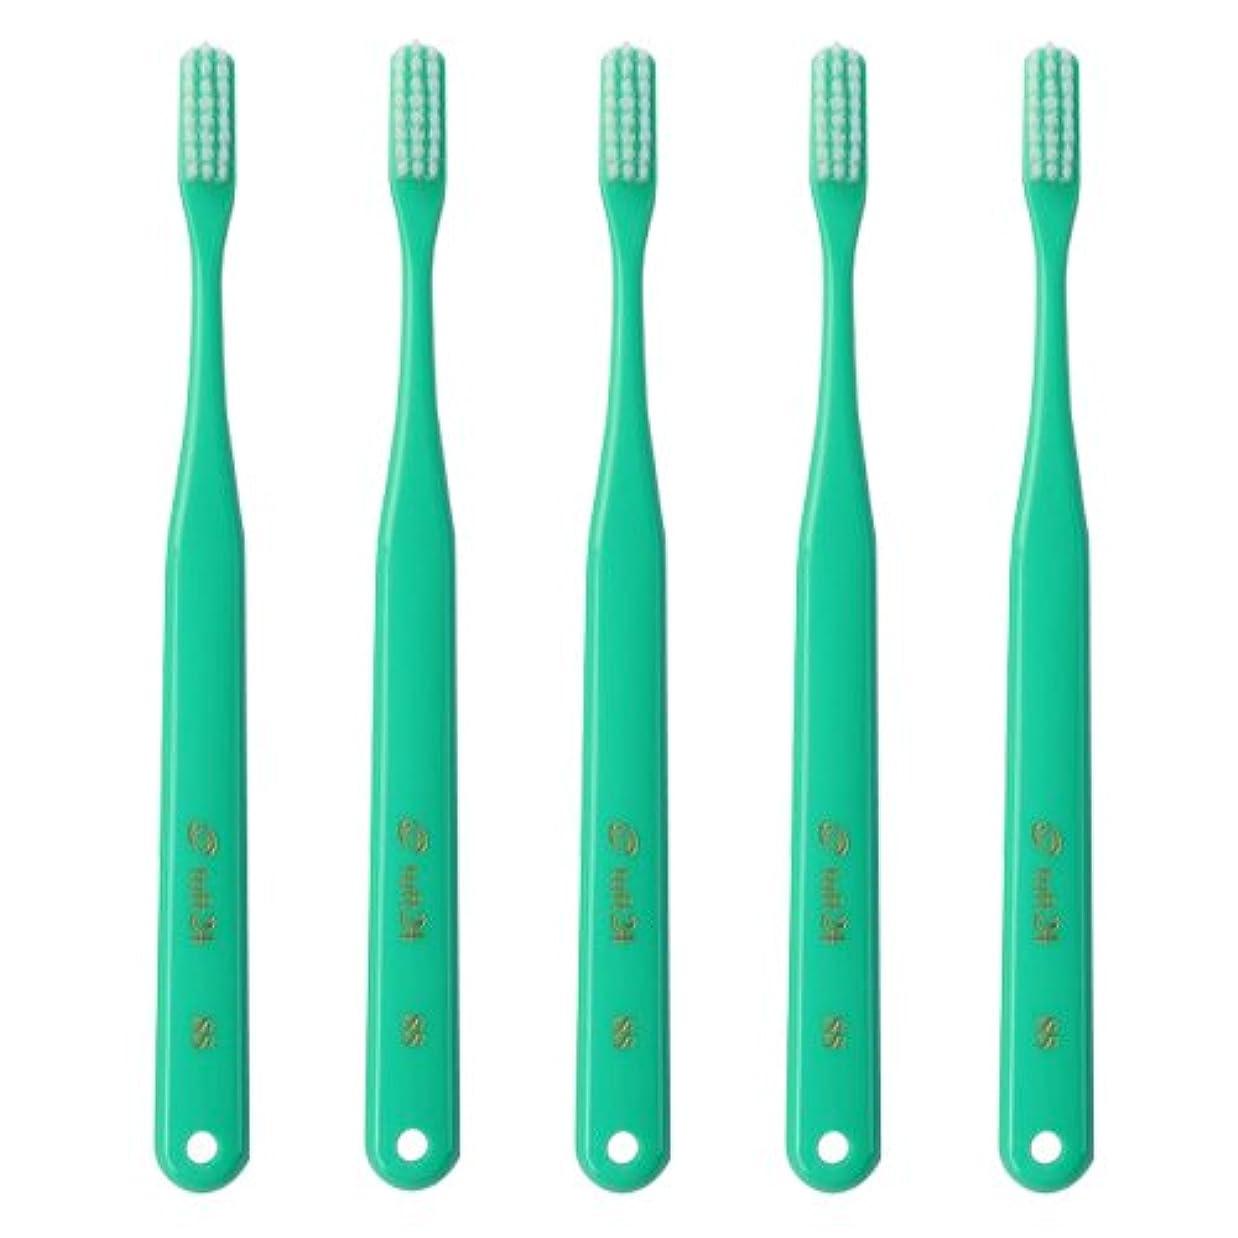 かすかな韓国語ミントタフト24 歯ブラシ 10本セット SS キャップなし (グリーン)